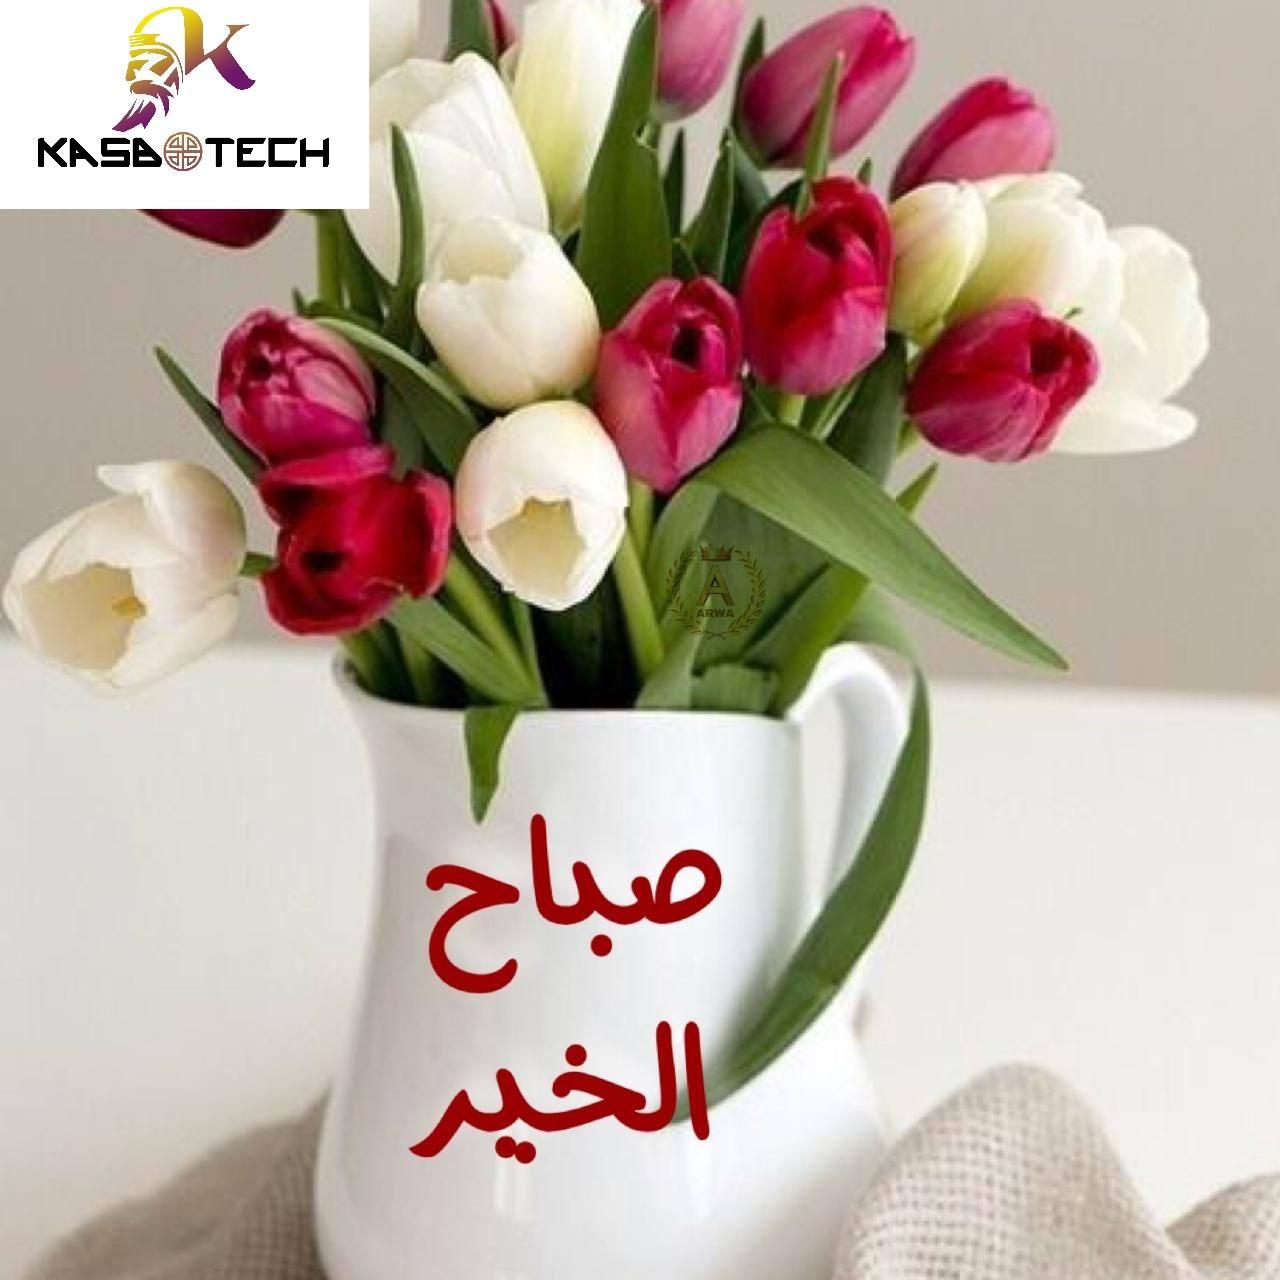 صباح الخير ومساء الجمال والاحساس